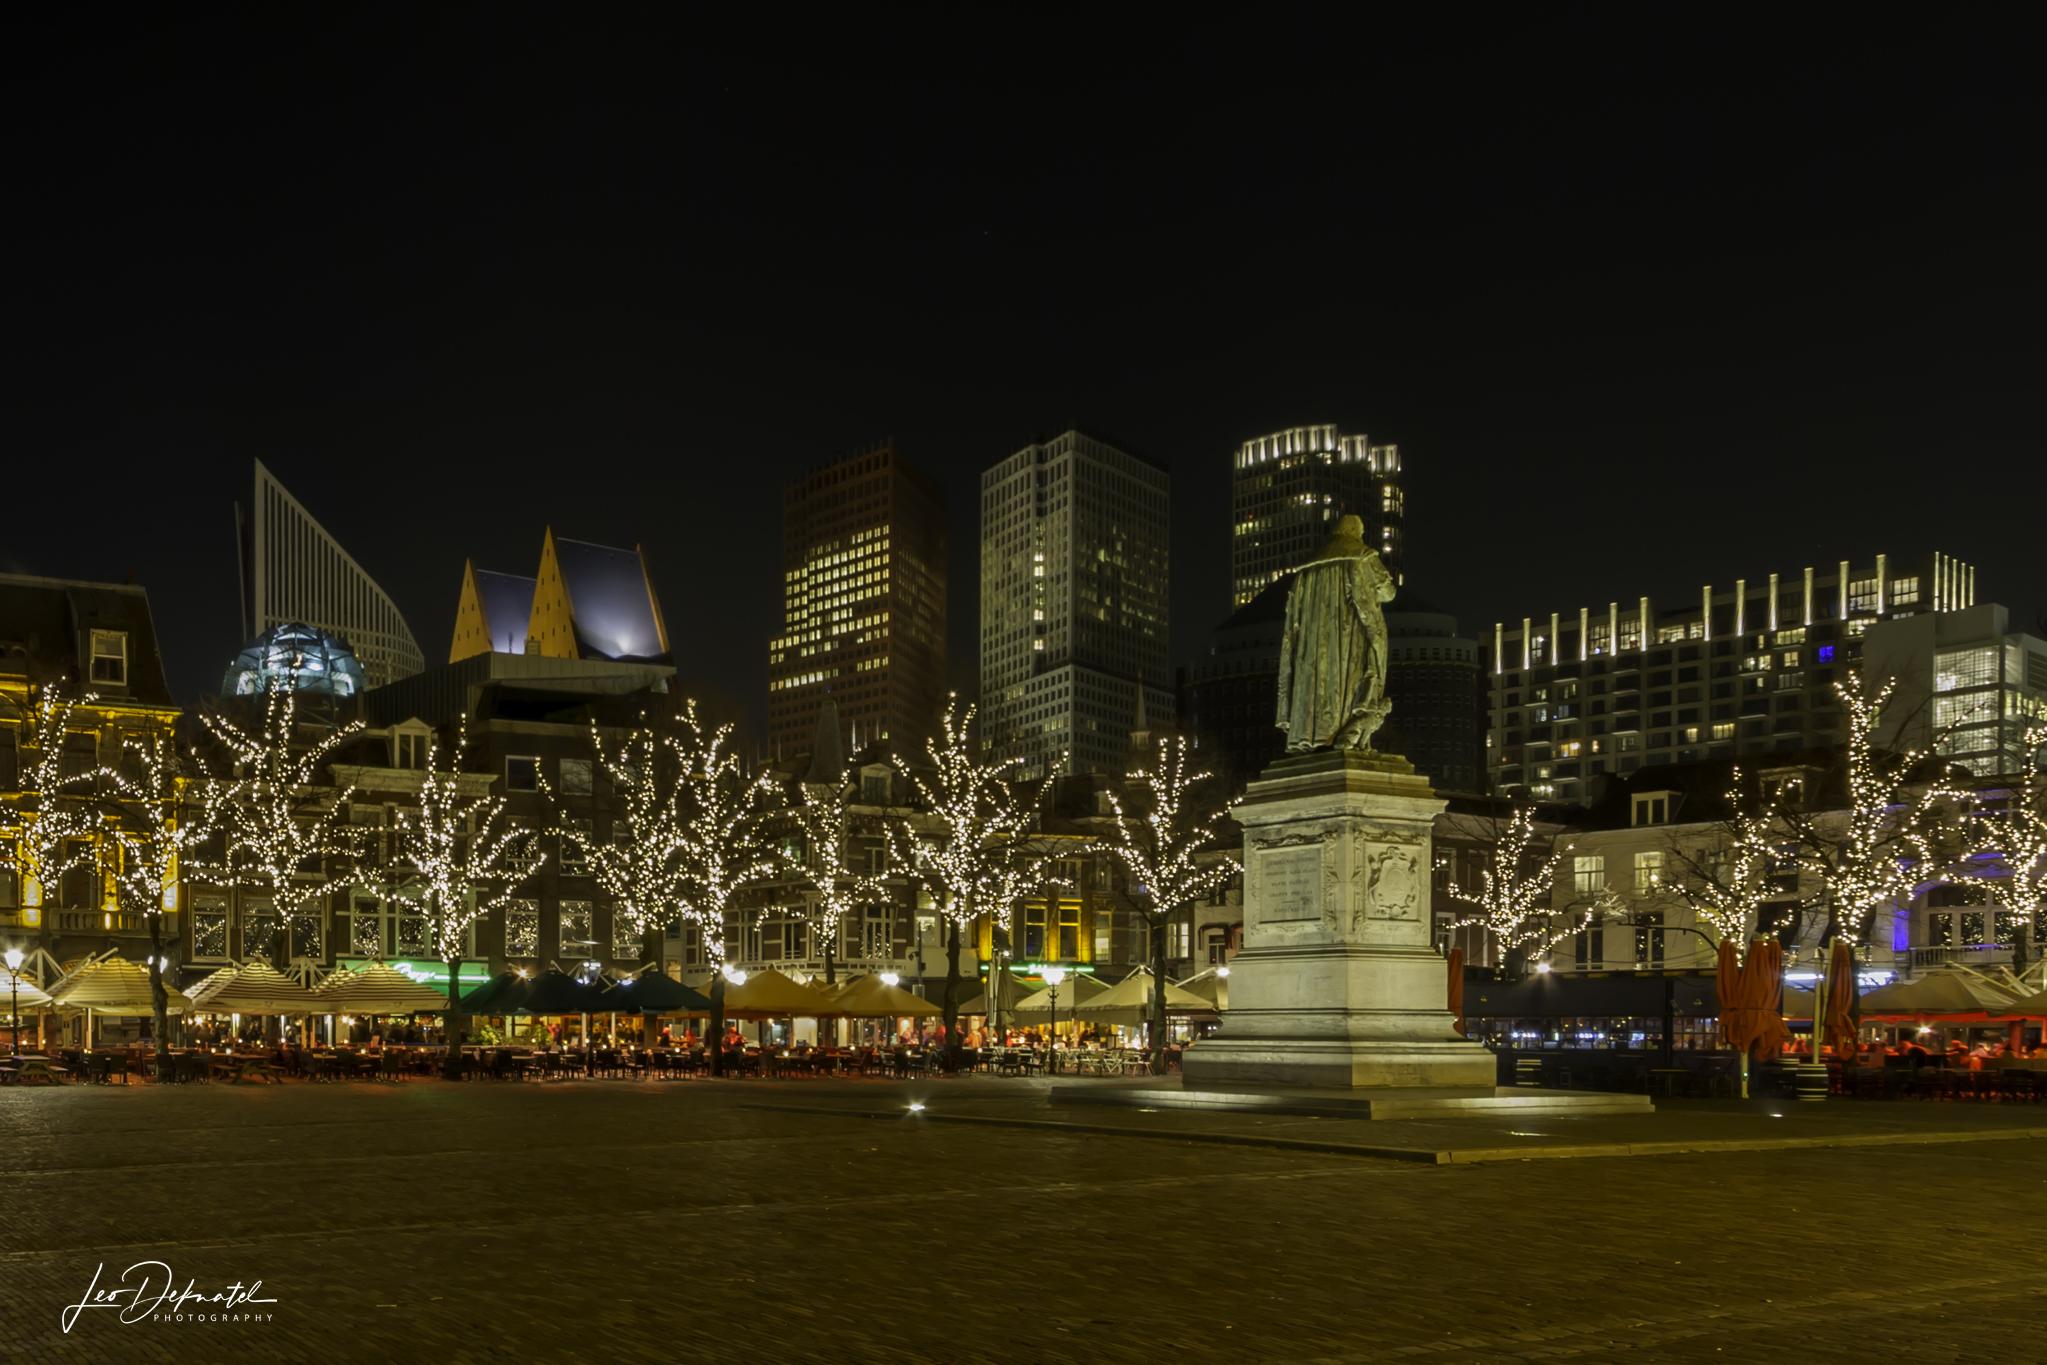 Het plein in Den Haag, Best off 2018, Avond- nachtfotografie, lange sluitertijden